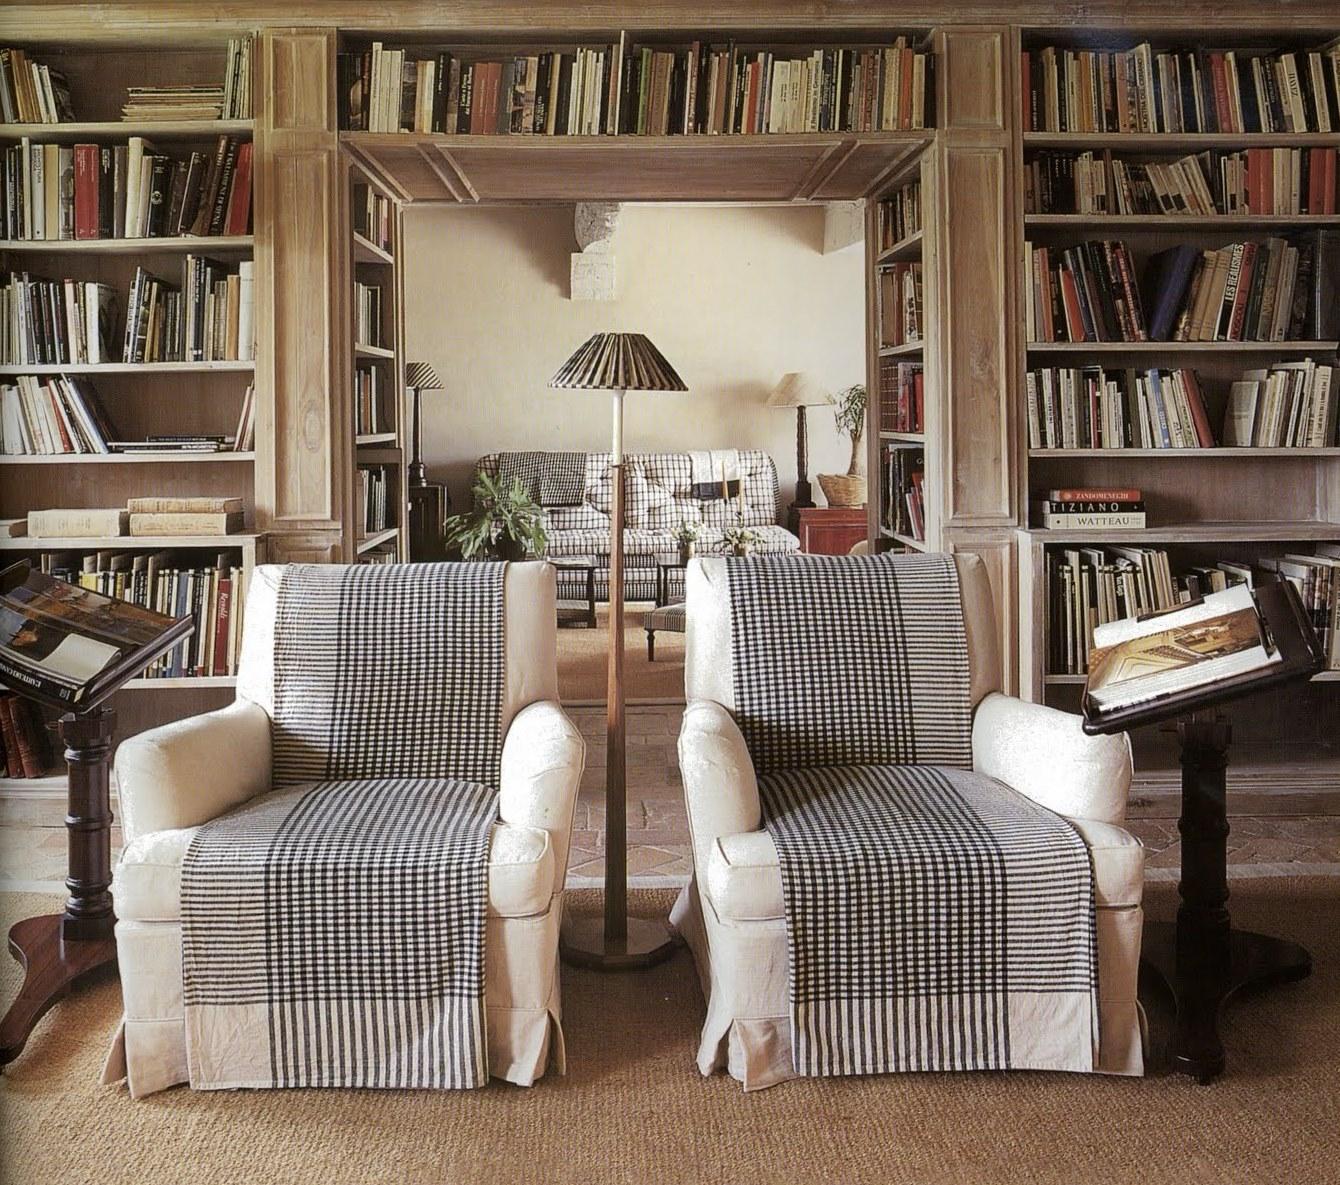 Libreria Fai da te: come costruire una libreria in legno